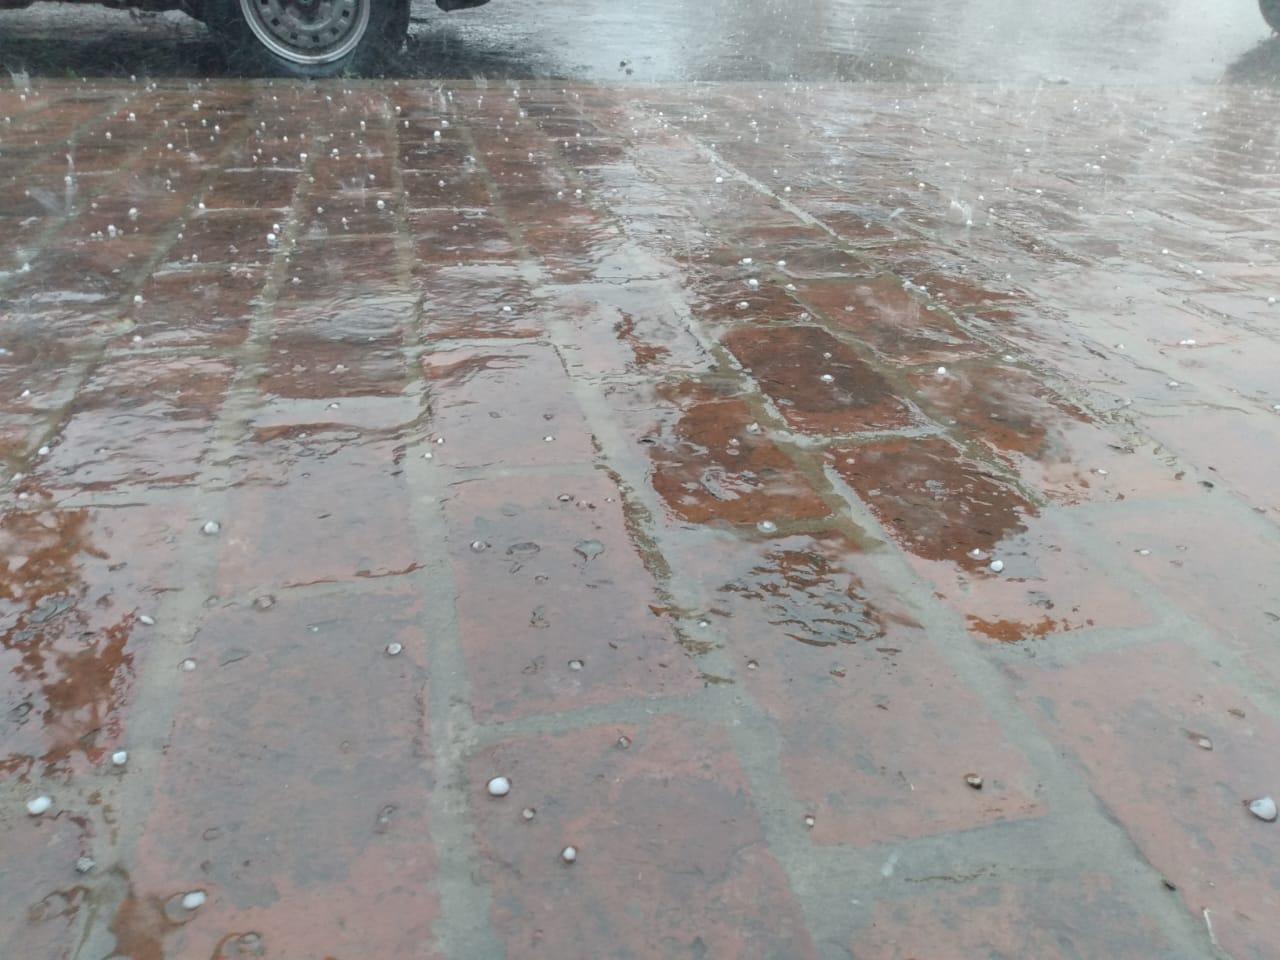 Tormenta con viento, lluvia y caída de granizo en Pergamino. Hablamos con Javier Villalba, director de Defensa Civil 2